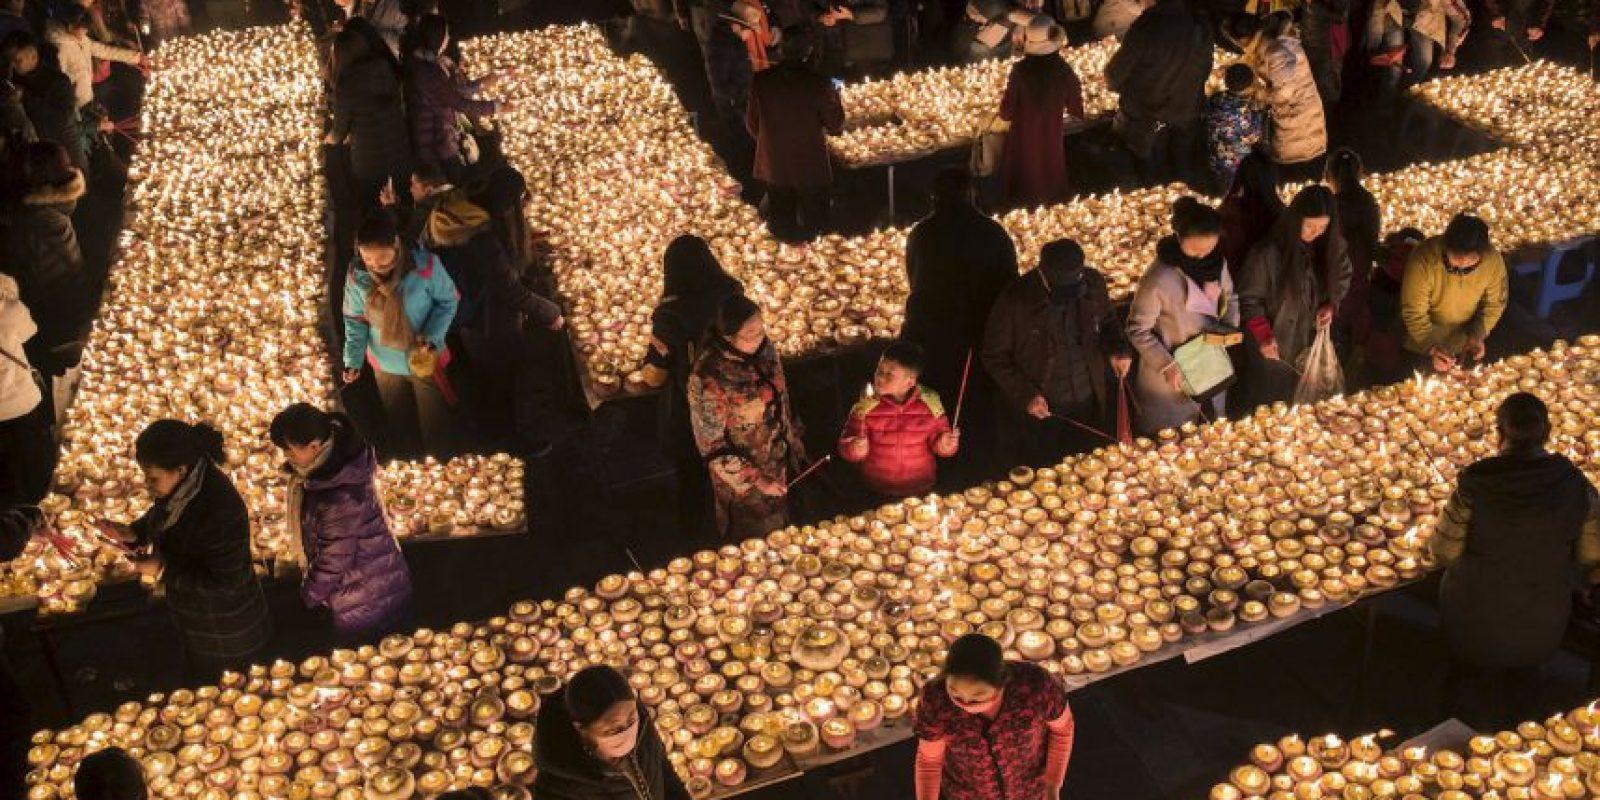 La gente enciende lámparas durante el Festival de la lámpara de la mantequilla en China. Foto:AFP